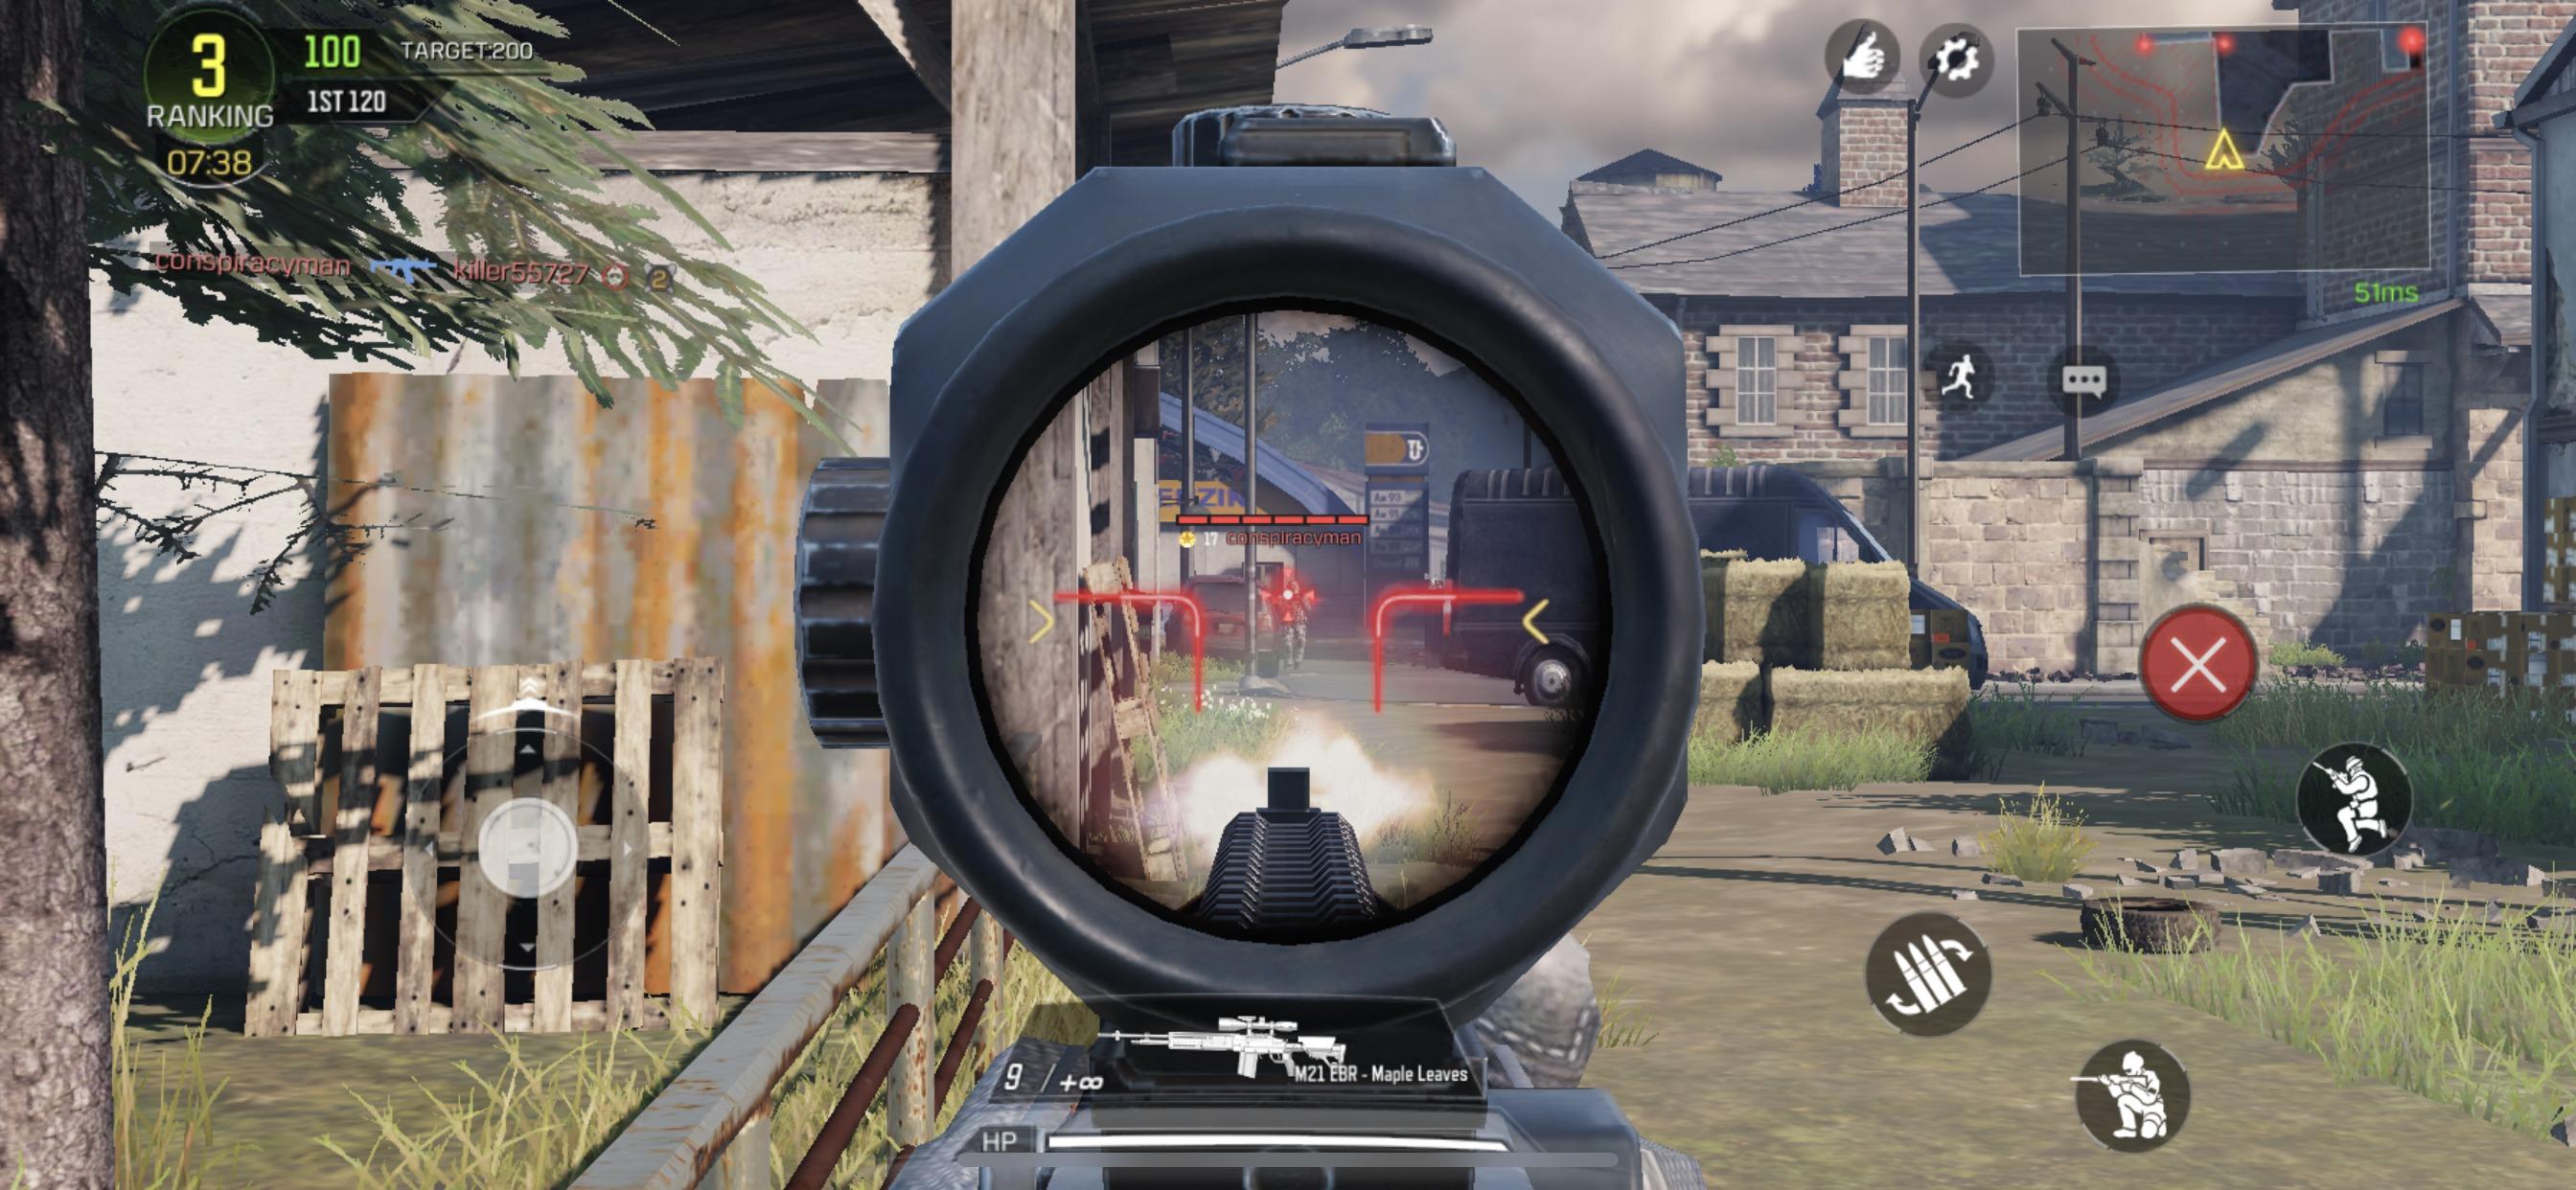 A soldier looks at their target through a gun scope